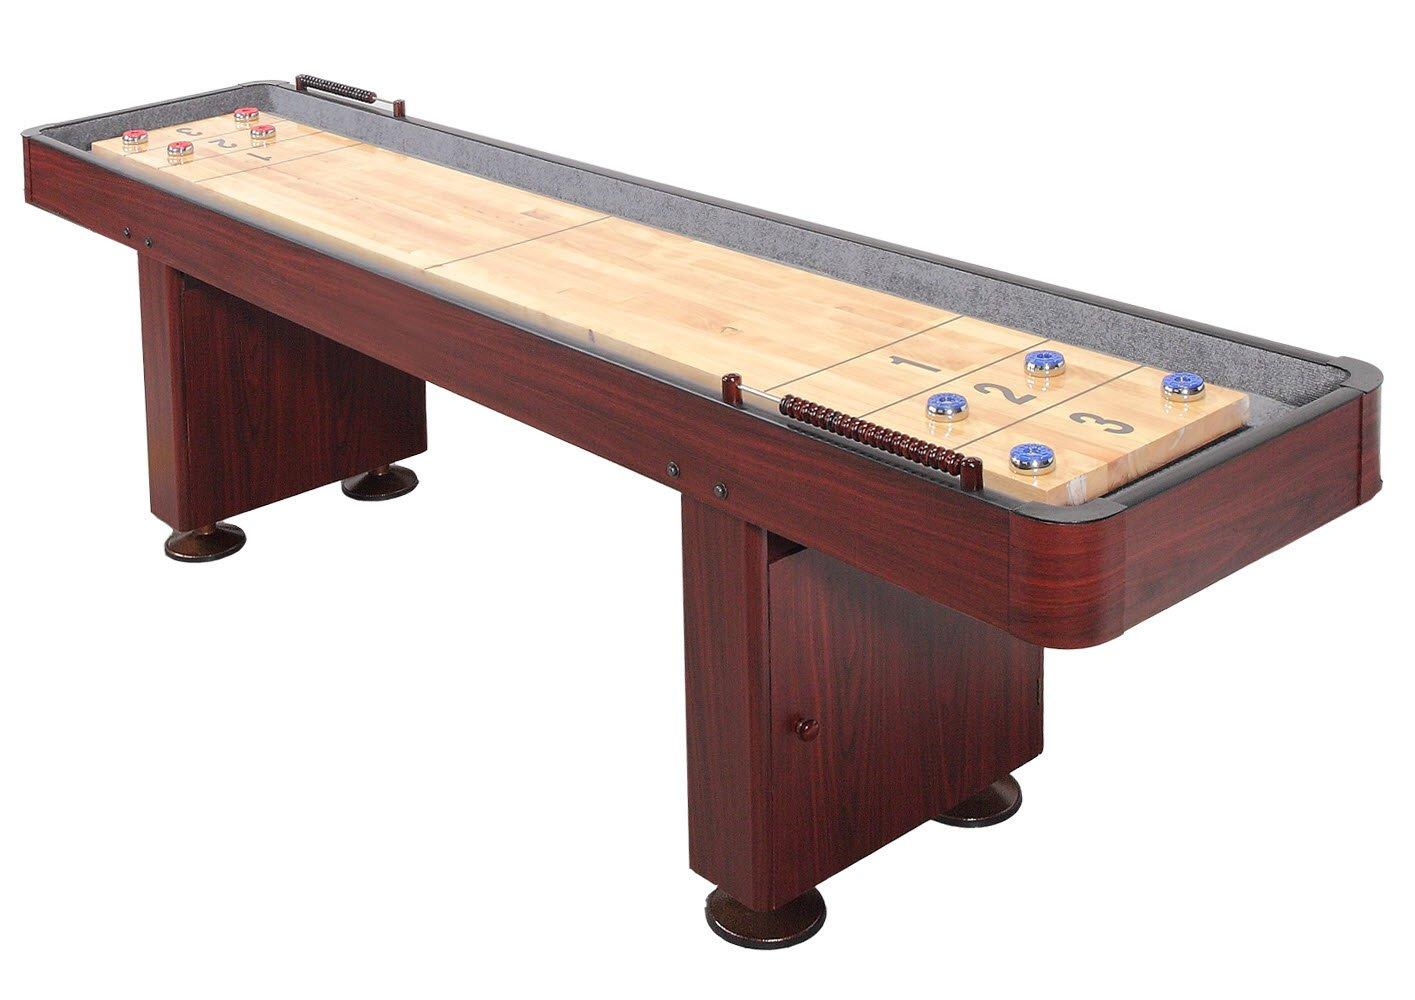 Challenger 14 ft Shuffleboard Table - Dark Cherry by SplashNet